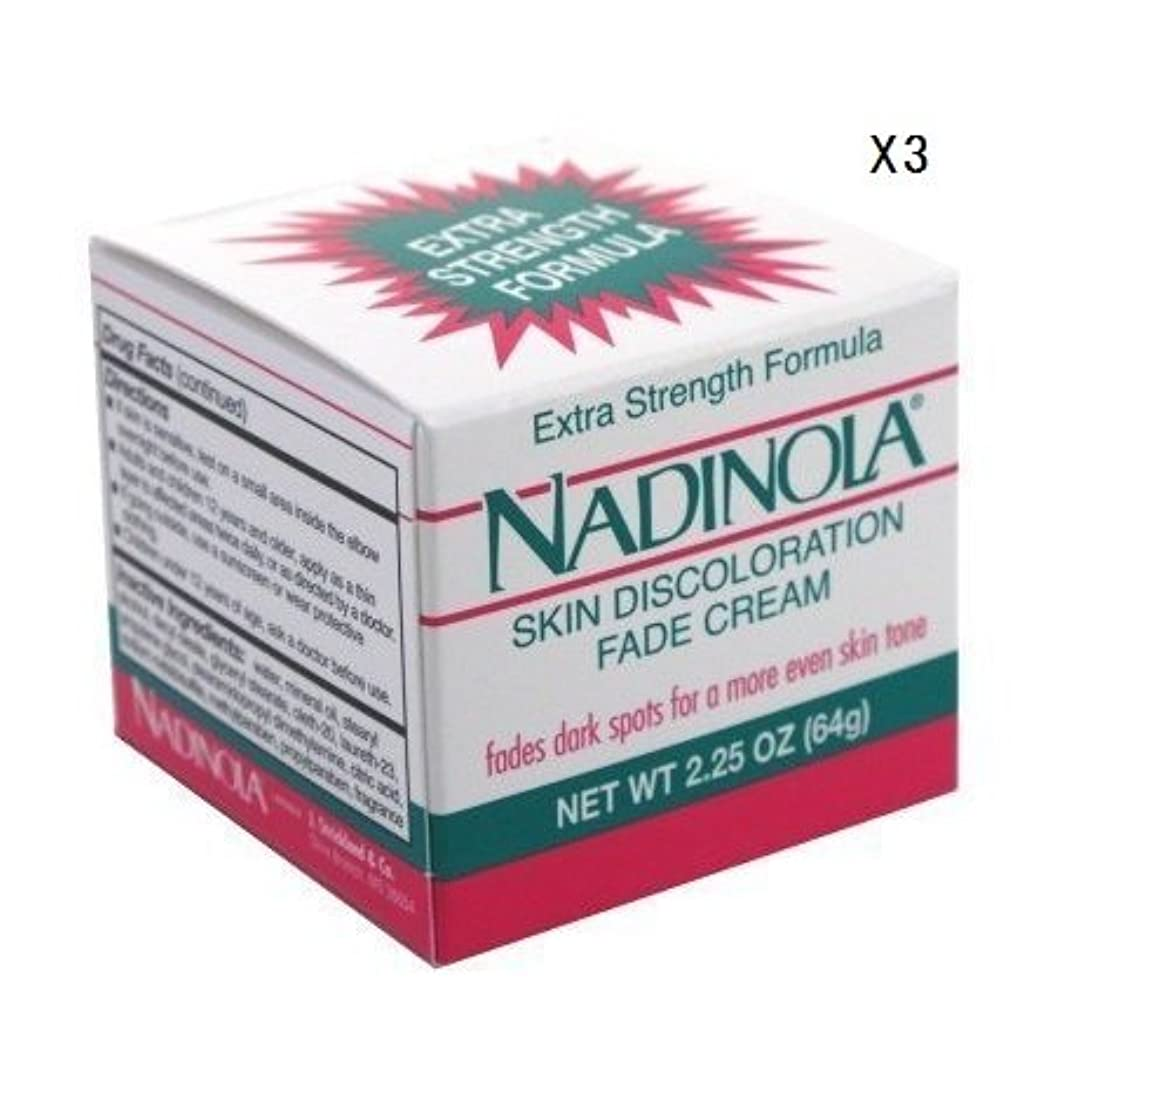 メディア資格情報気性(海外直送品)強力美白クリーム (64g)ナディノラ Nadolina Skin Bleach - Extra Strength 2.25 Oz. (Pack of 3) by Nadinola